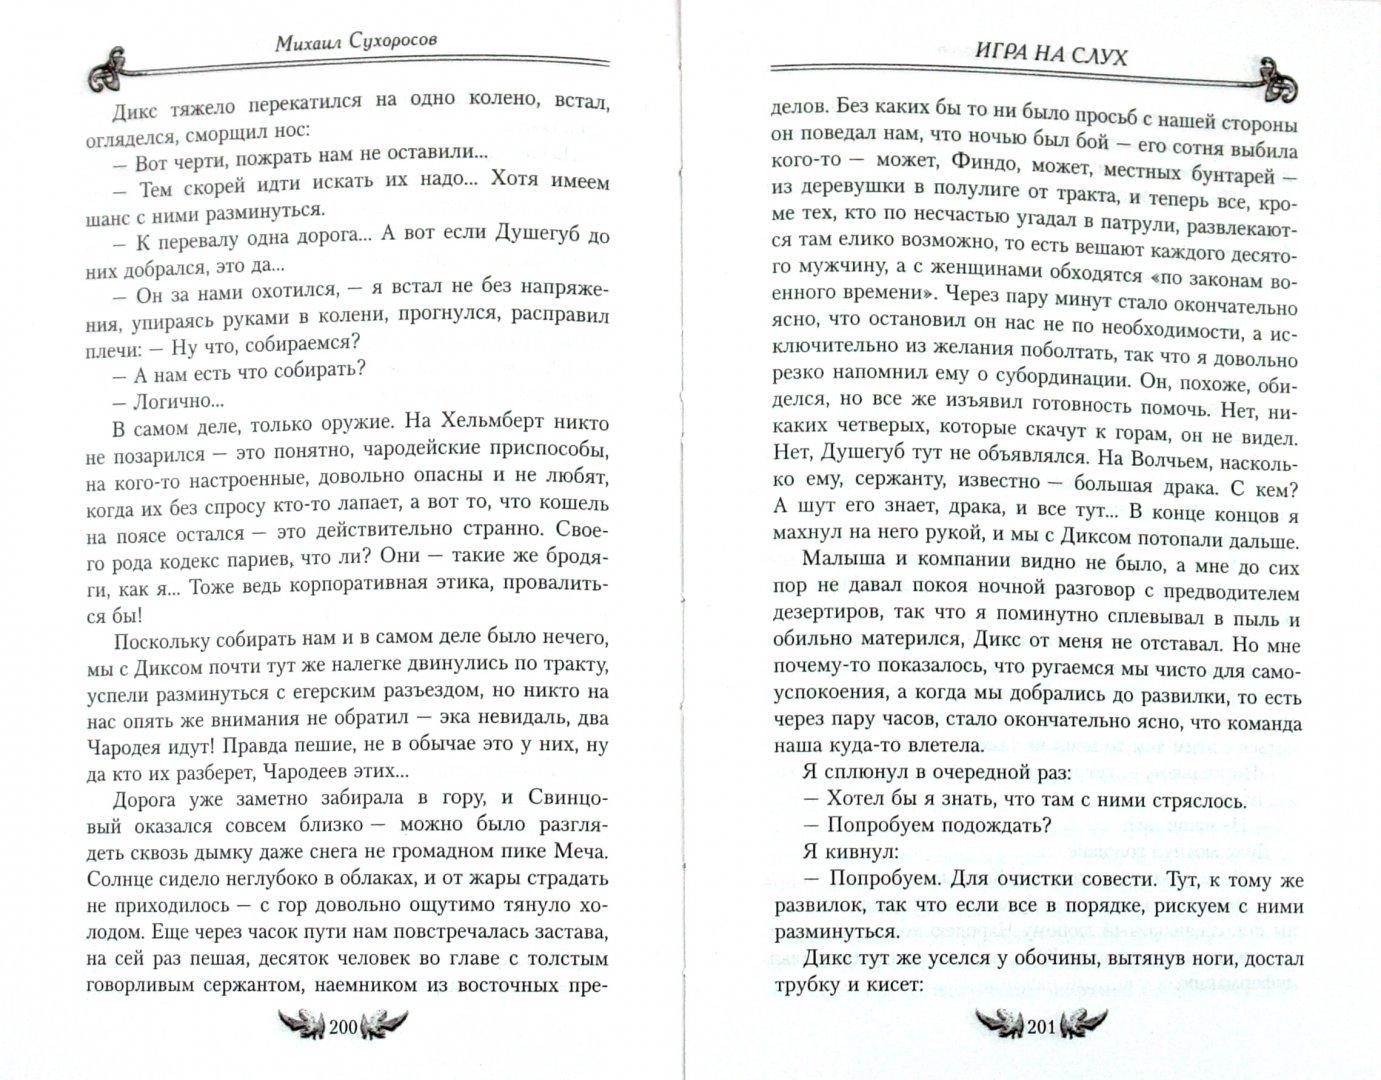 Иллюстрация 1 из 2 для Игра на слух - Михаил Сухоросов | Лабиринт - книги. Источник: Лабиринт